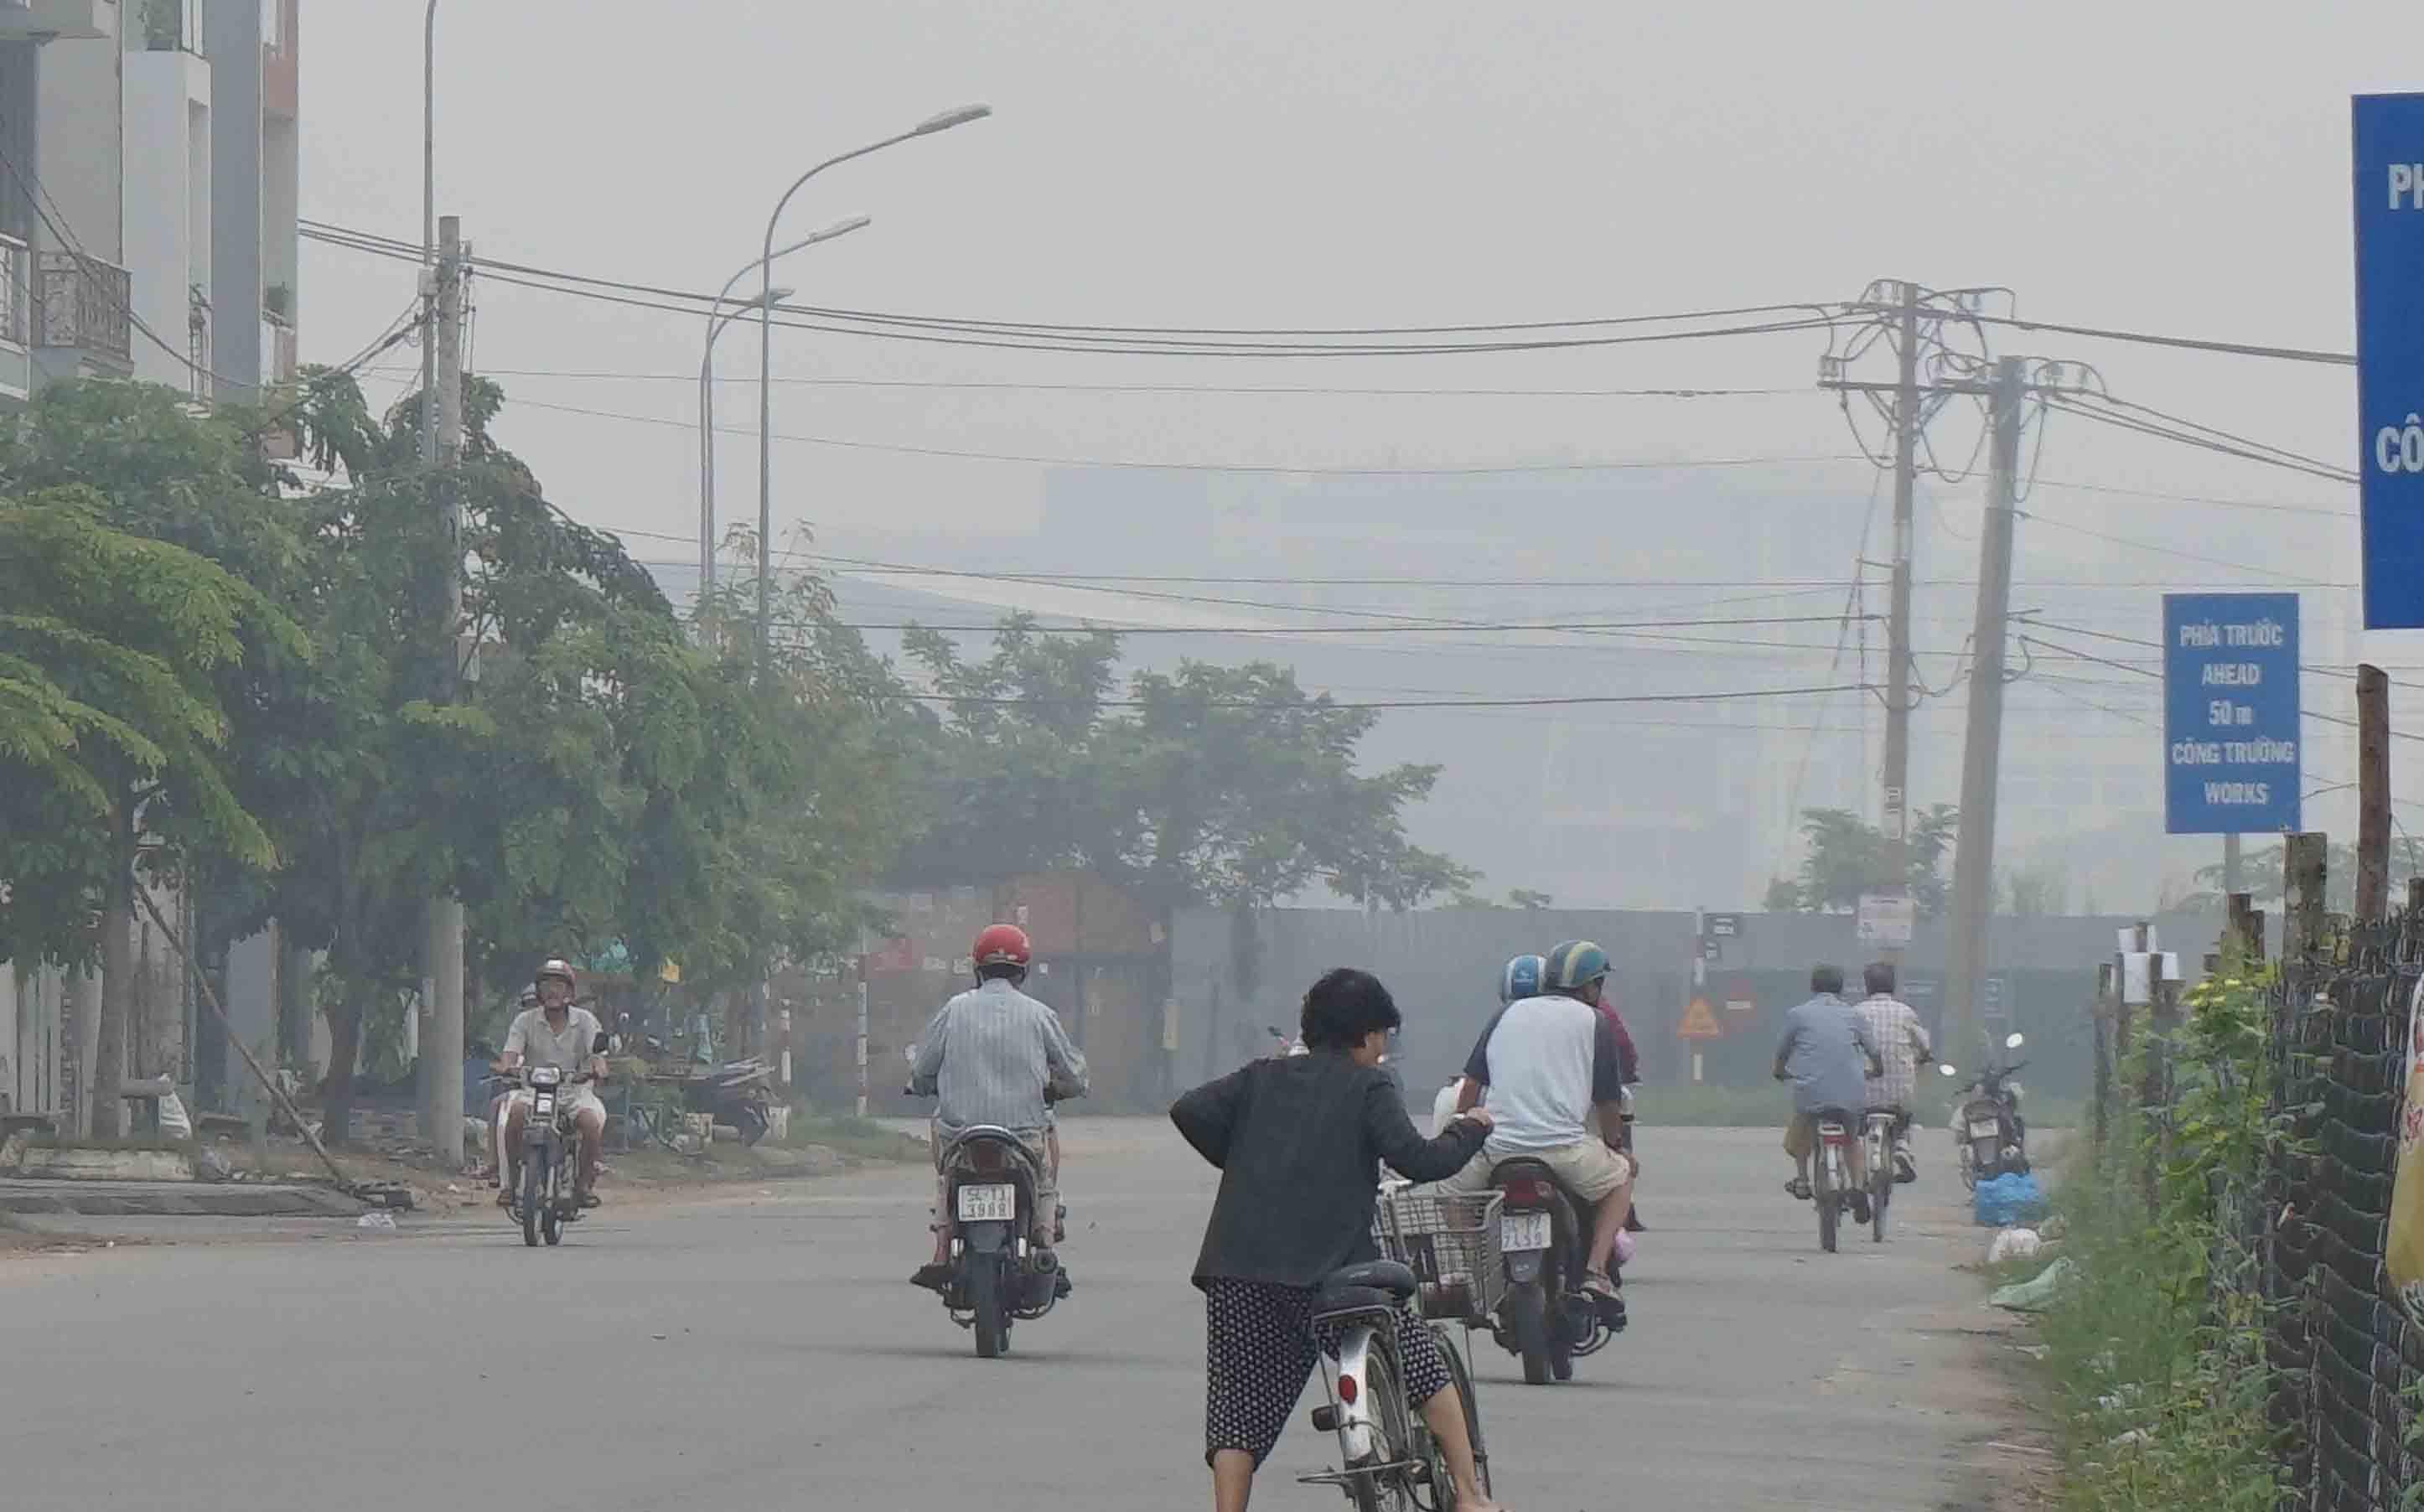 Vị chuyên gia cảnh báo sương mù được tạo bởi hơi nước kết dính với các chất độc hại, khói bụi nên khi ra đường người dân nên tự bảo vệ mình để tránh các bệnh liên quan đến hô hấp.